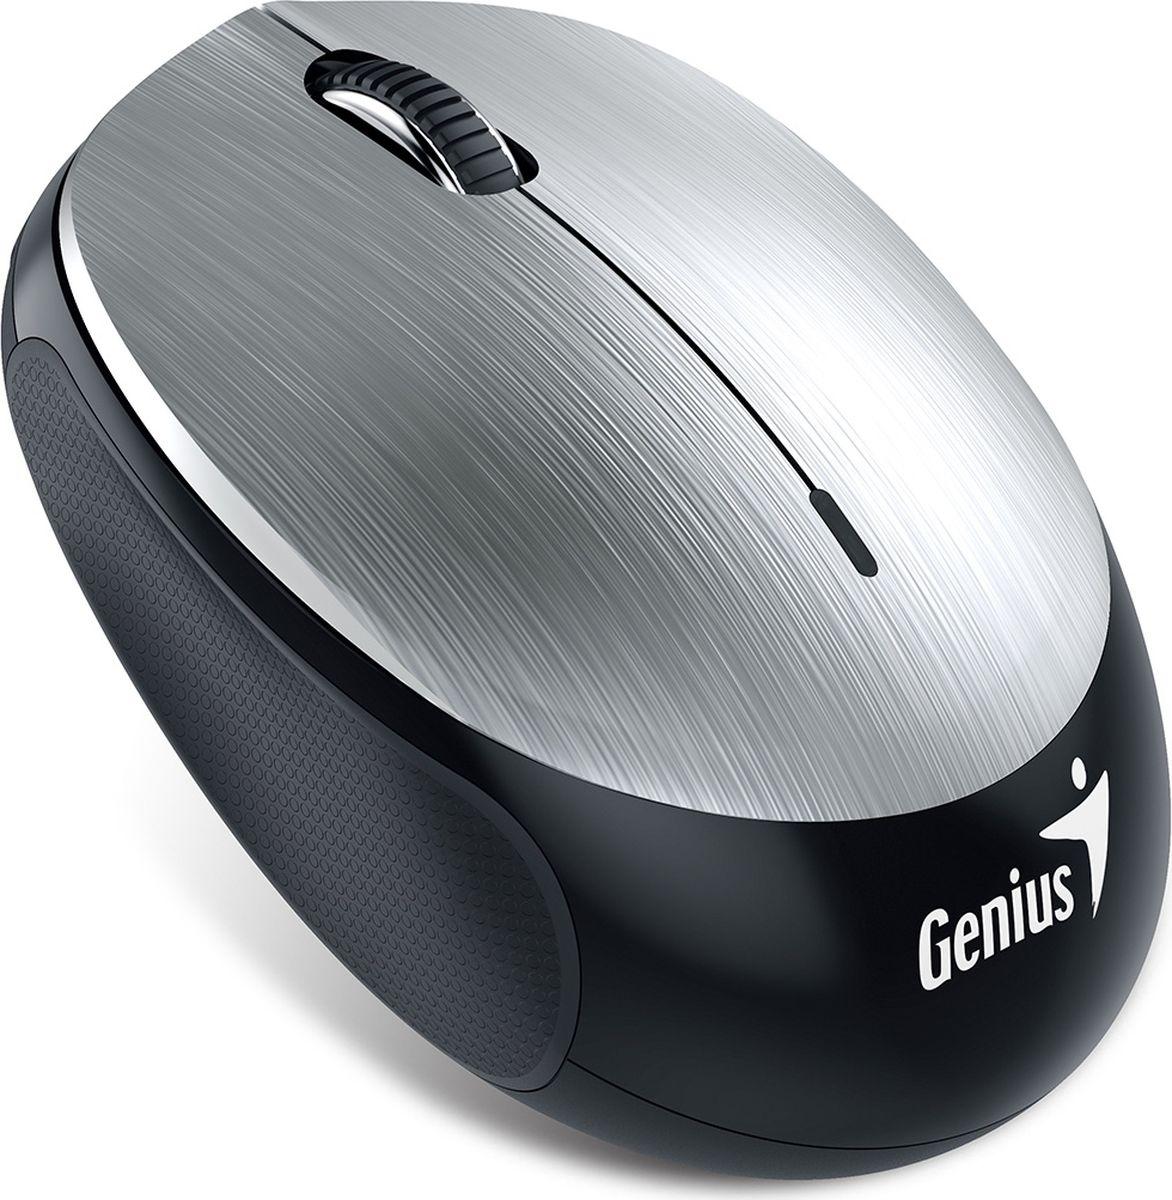 Genius NX-9000BT V2, Silver мышь беспроводная31030299102Мышь Genius NX-9000BT V2 оснащена встроенным литий-полимерный аккумулятором емкостью 320 мАч избавляет от необходимости пользоваться батарейками типоразмера AA и другими сменными батарейками. Просто подключите кабель микро-USB к порту USB компьютера или дополнительного внешнего аккумулятора. Интеллектуальная мышь Genius NX-9000BT V2 определяет, когда не используется, и эффективно управляет питанием, продляя срок службы аккумулятора. После полной зарядки пользоваться устройством можно не менее 4 недель. Благодаря усовершенствованной технологии Bluetooth 4.0 вы получаете надежное и безопасное подключение на расстоянии до 10 метров. Отсутствие проводов позволяет лучше сосредоточиться на работе. Мышь стильная и тонкая, гладкая на ощупь. Сверху удобное прорезиненное покрытие для полного контроля и комфорта при длительном использовании. Работает на любой поверхности, которую только можно себе представить.